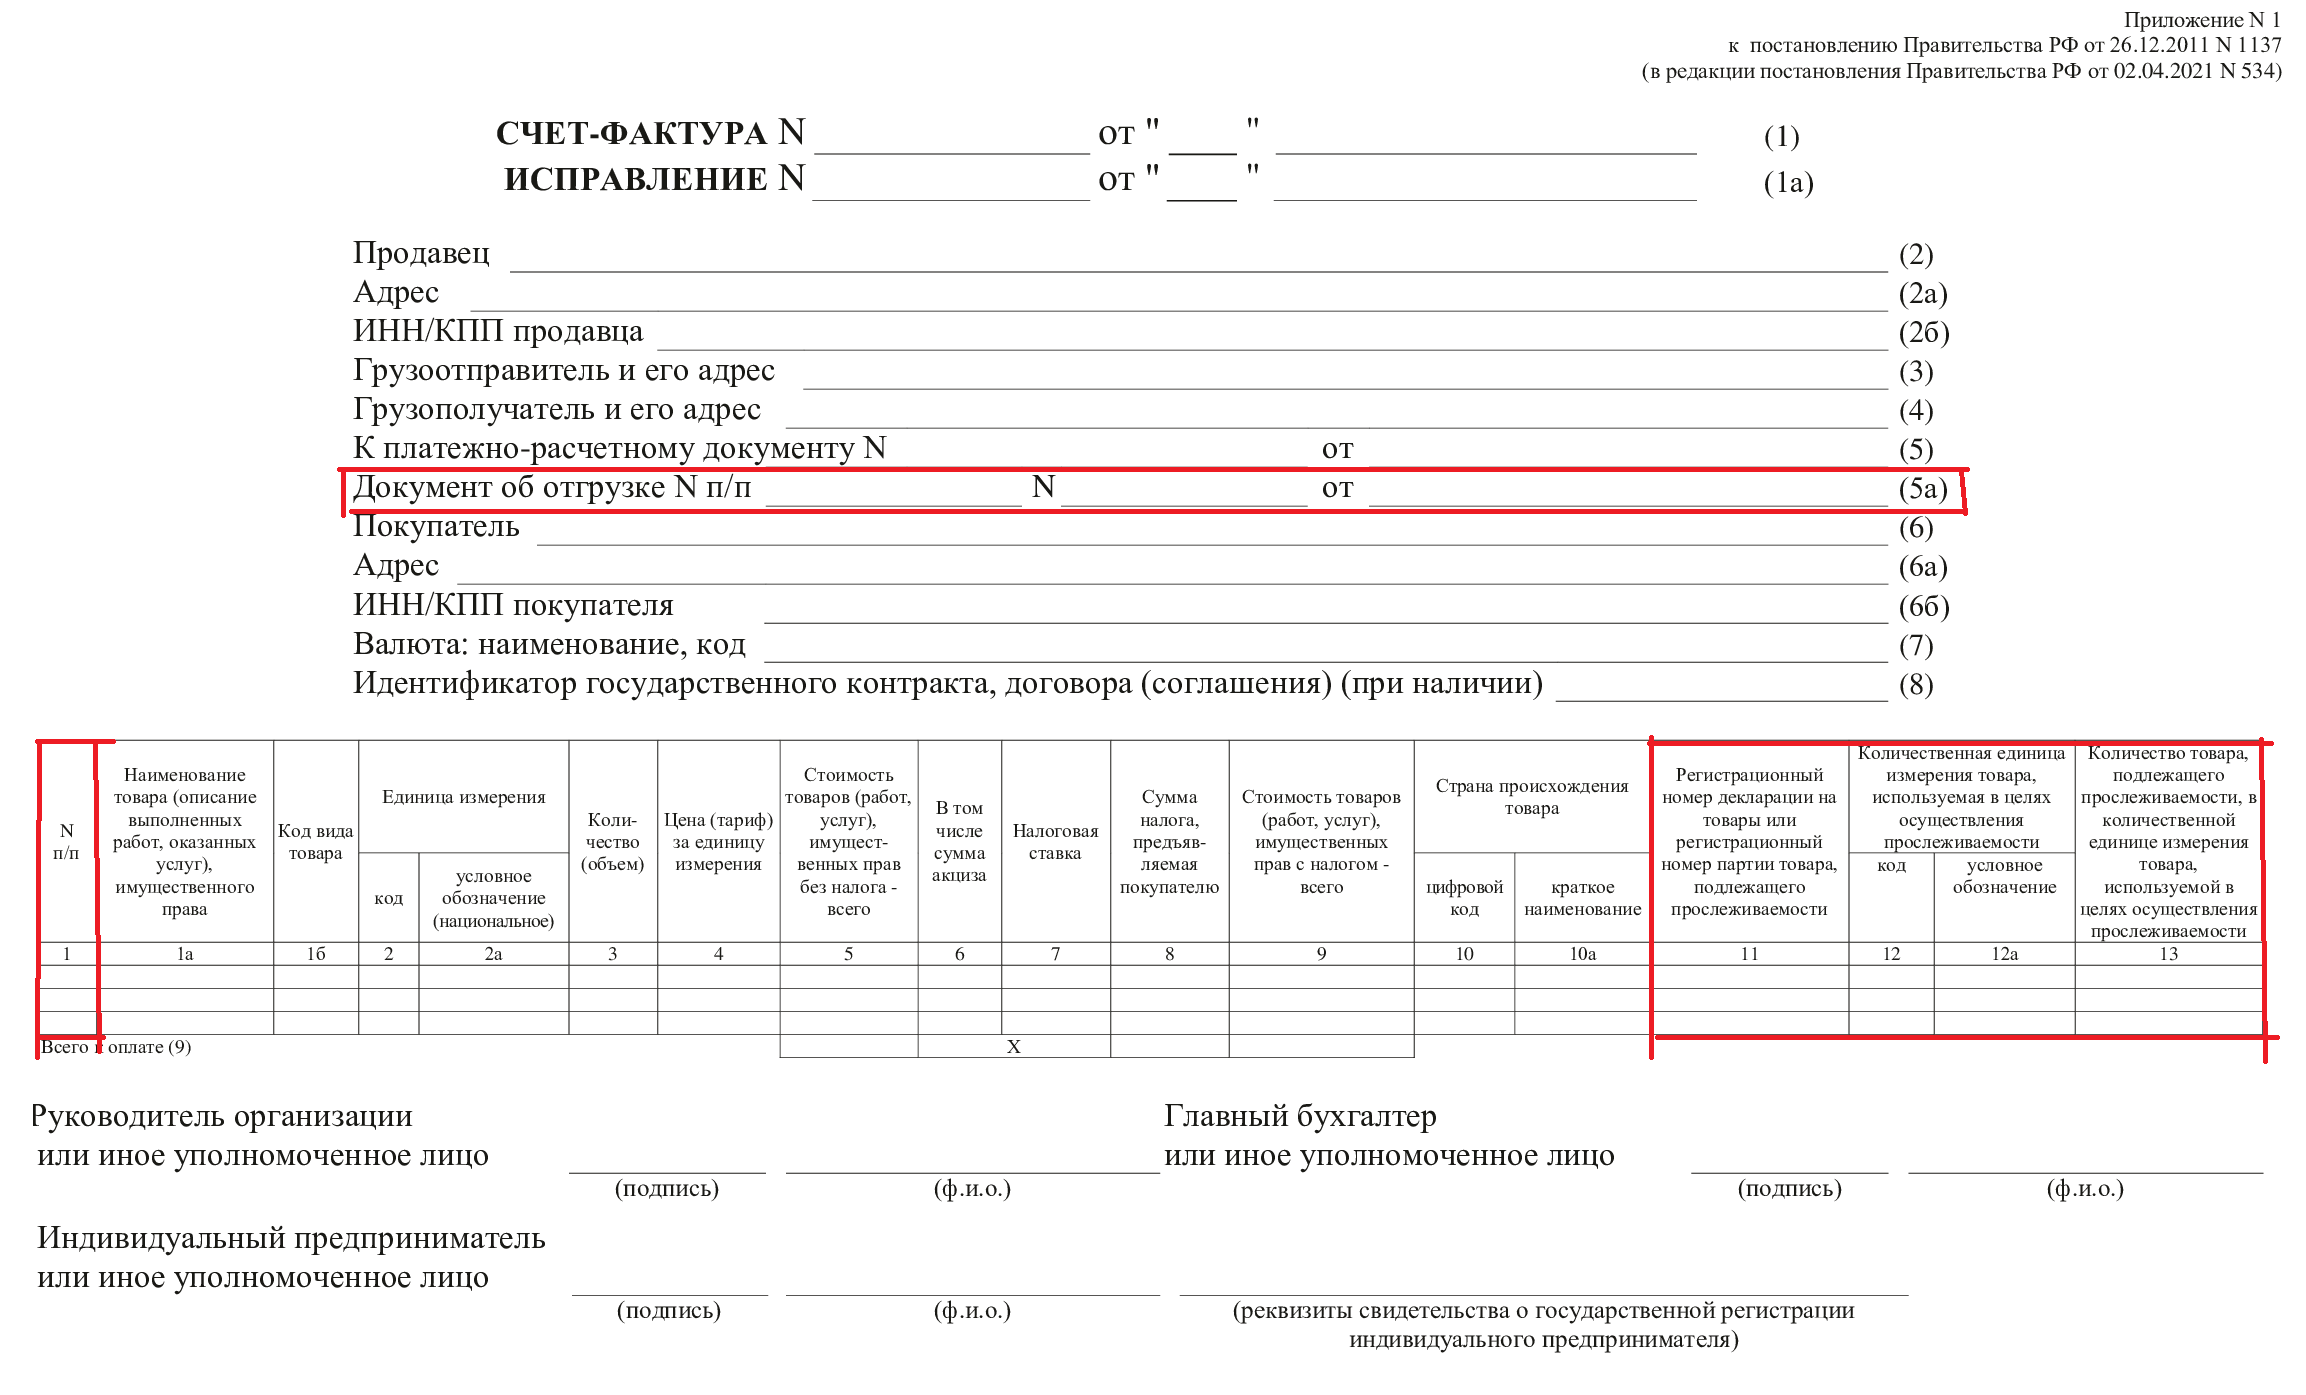 Образец счет-фактуры с 01.07.2021 года с выделенными изменениями